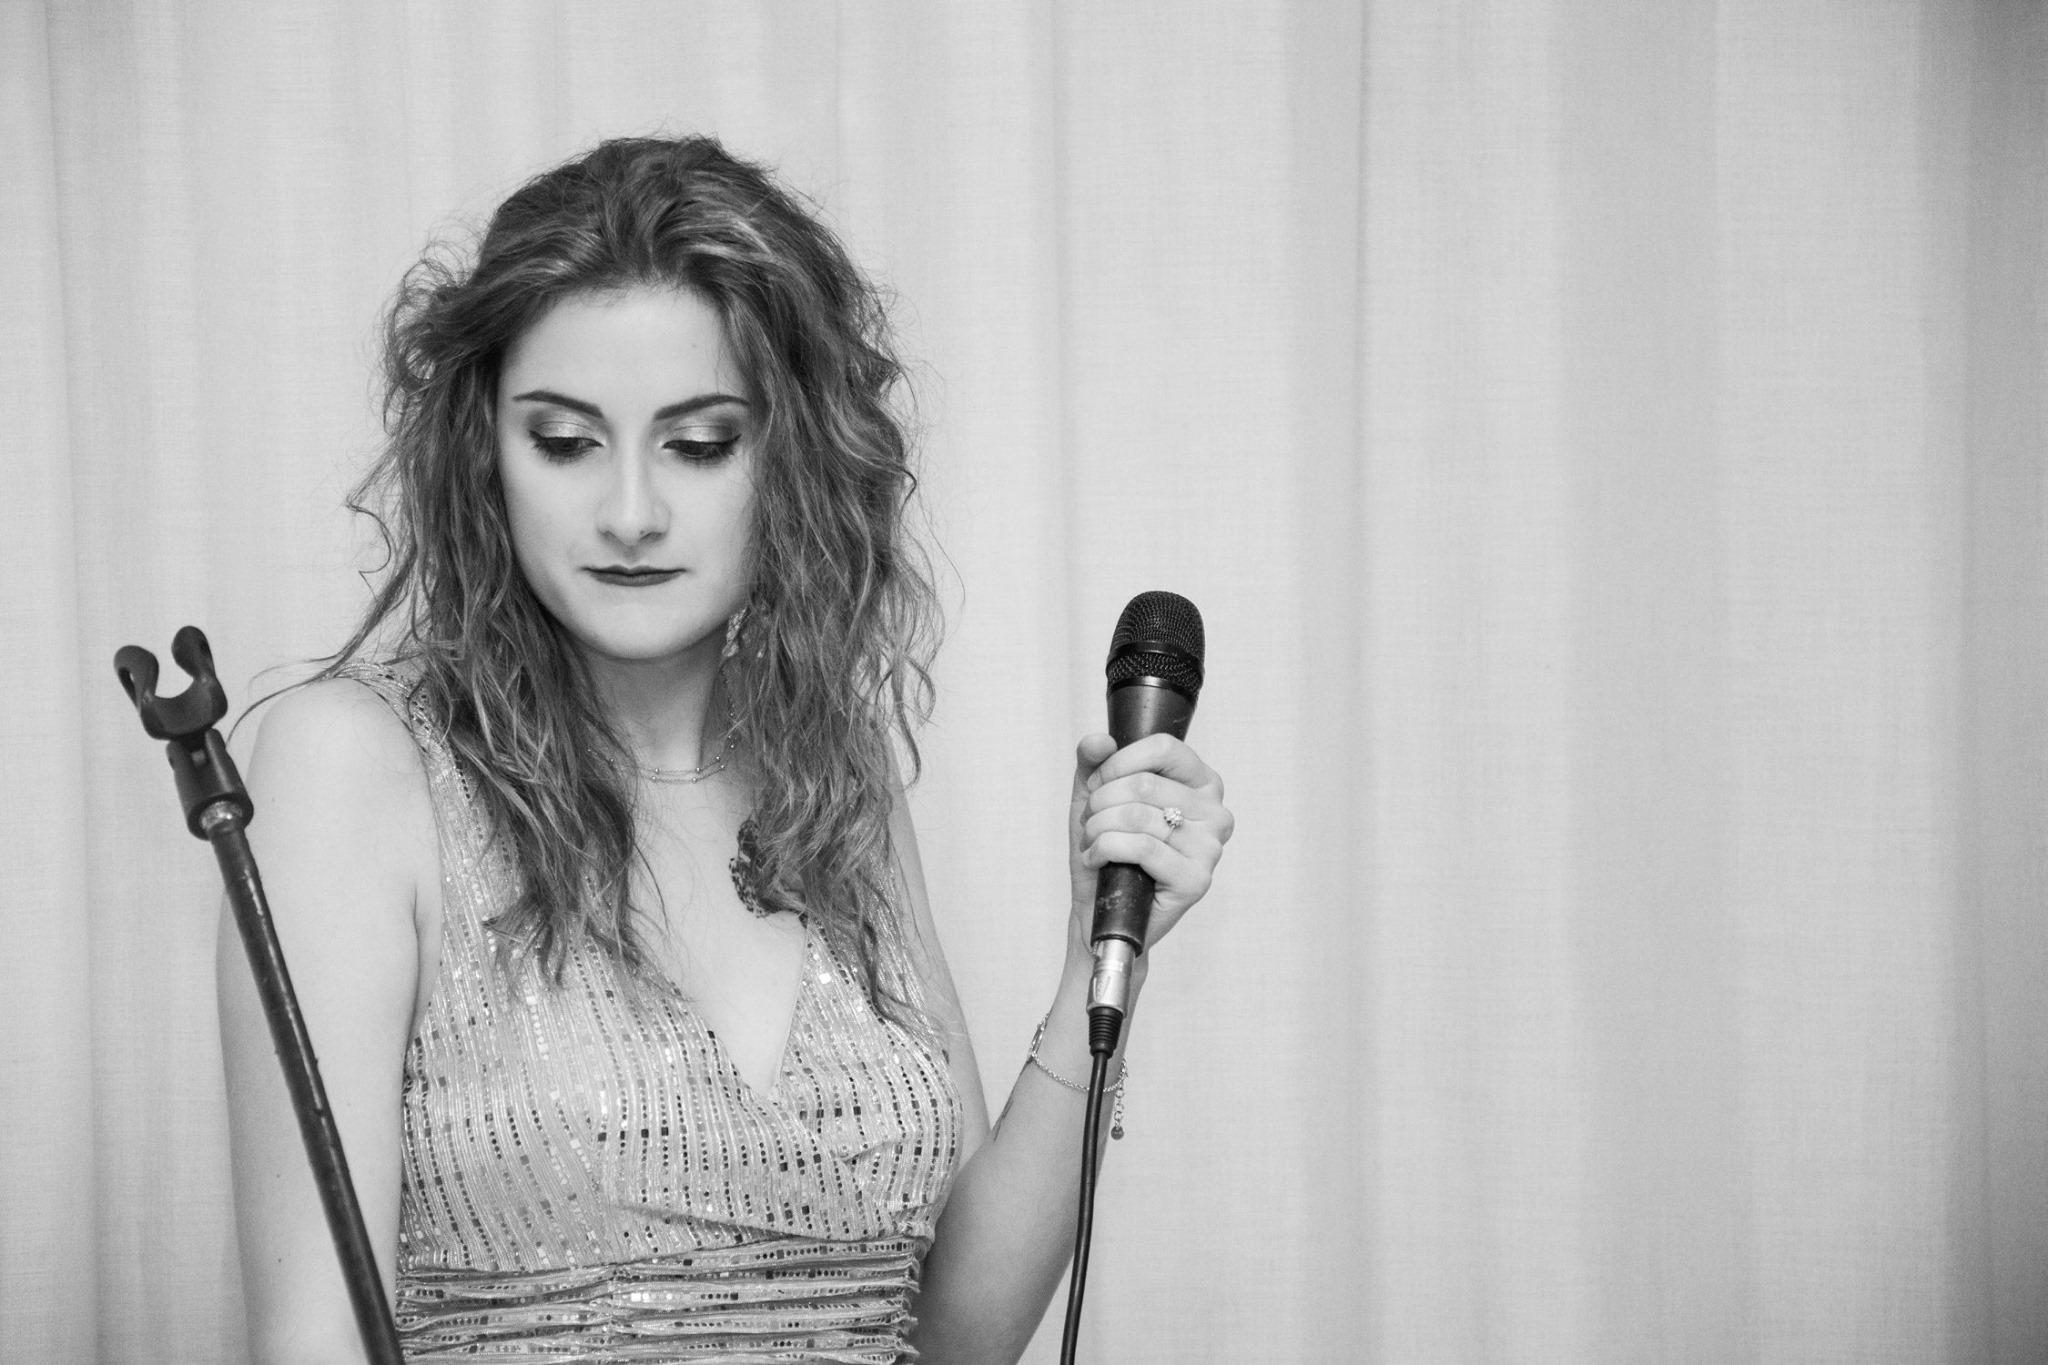 Di notte io e te: la bella canzone di Adele Salvucci in ricordo di mamma Vanda